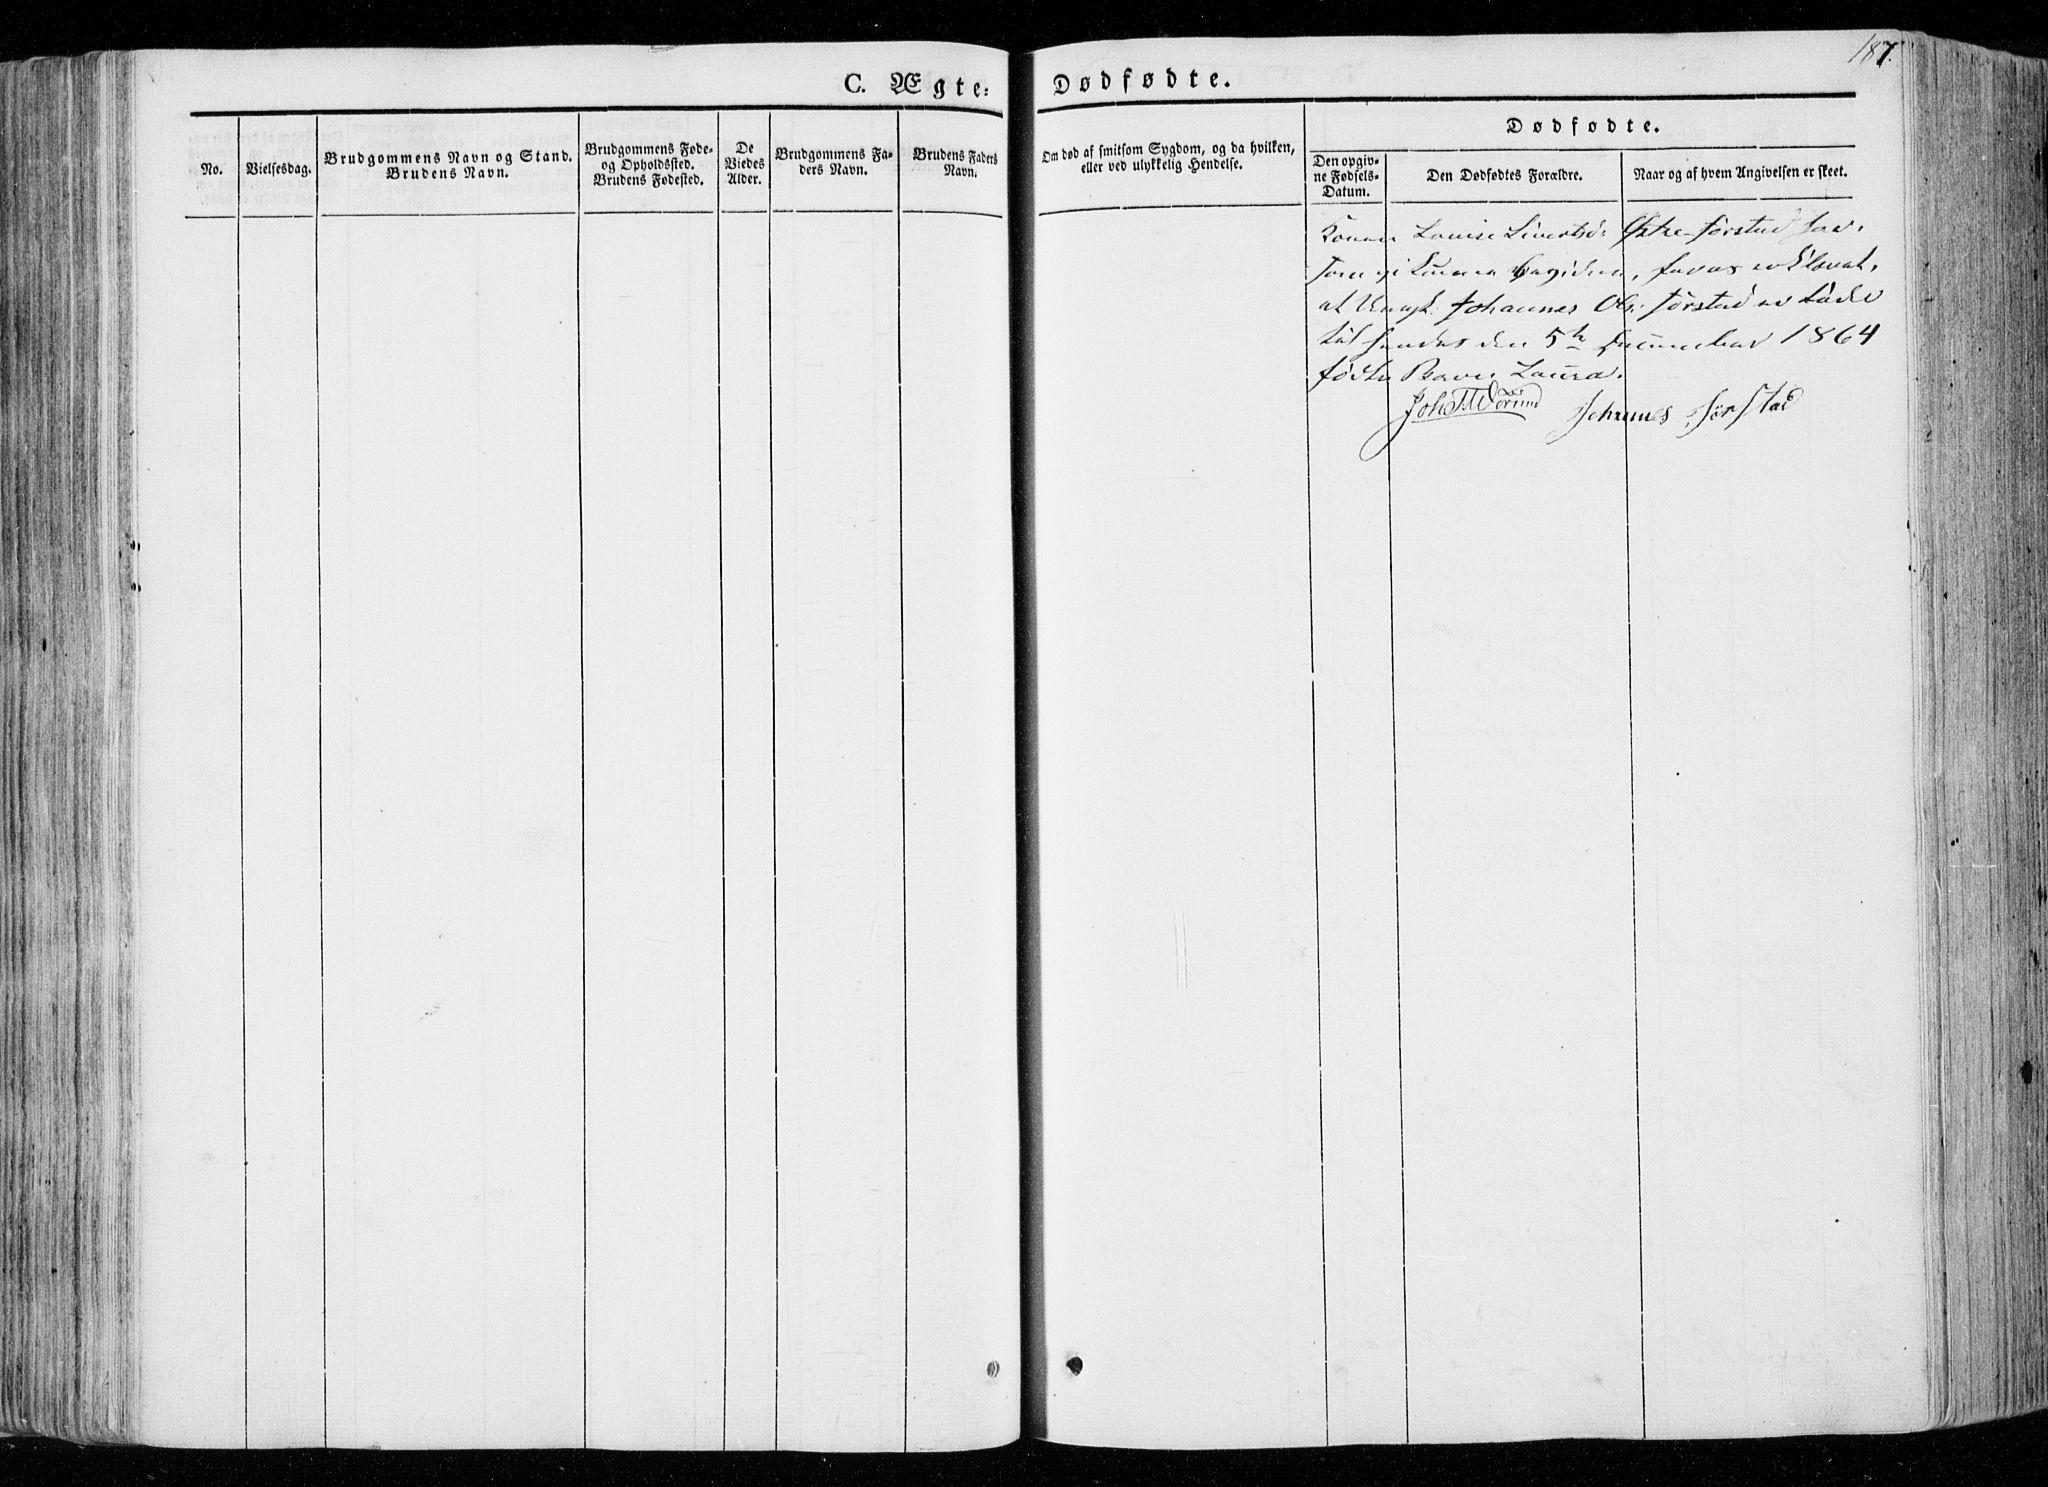 SAT, Ministerialprotokoller, klokkerbøker og fødselsregistre - Nord-Trøndelag, 722/L0218: Ministerialbok nr. 722A05, 1843-1868, s. 187